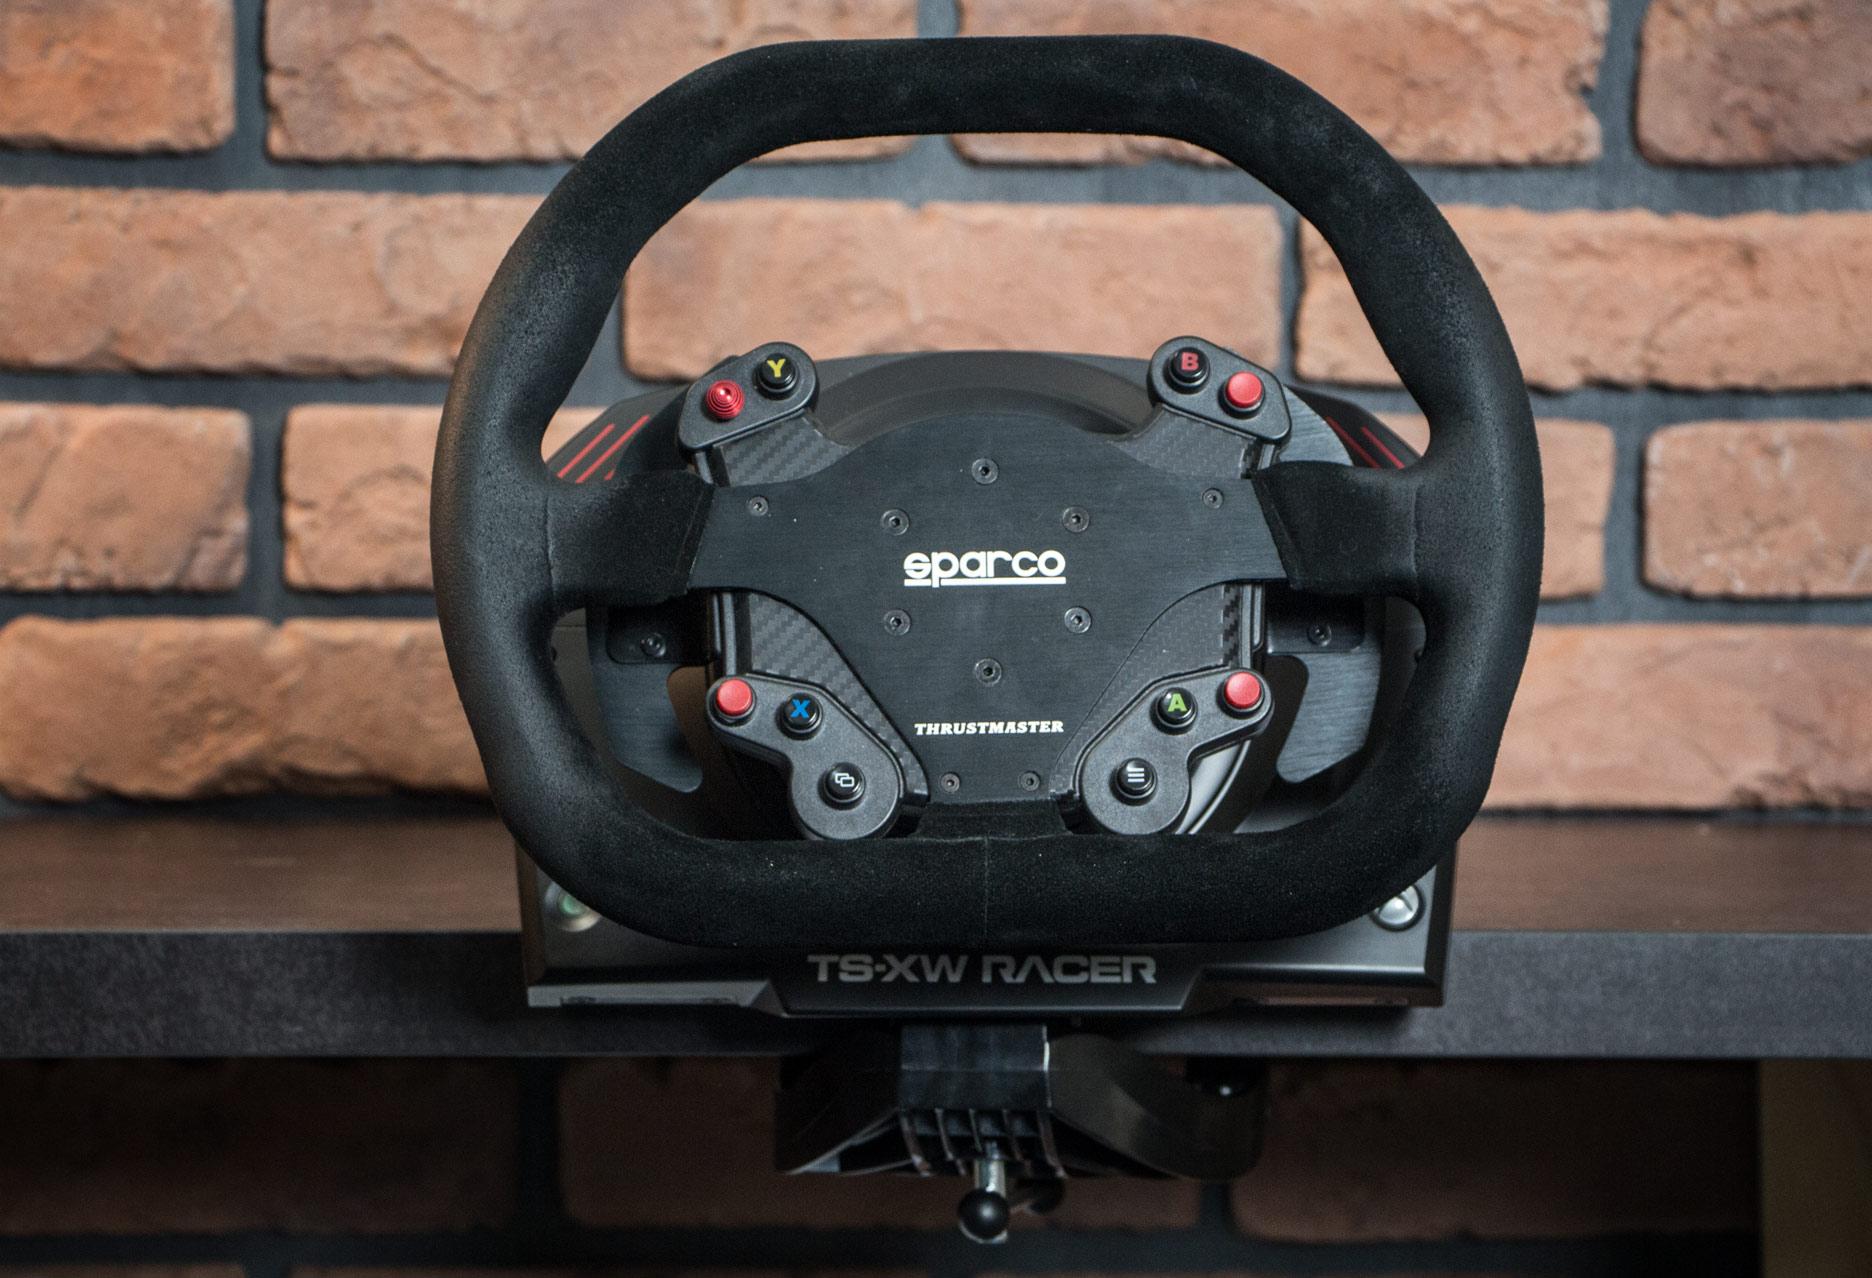 Thrustmaster Ts Xw Racer Sparco P310 Competition Mod Test Kierownicy New Widok Od Przodu